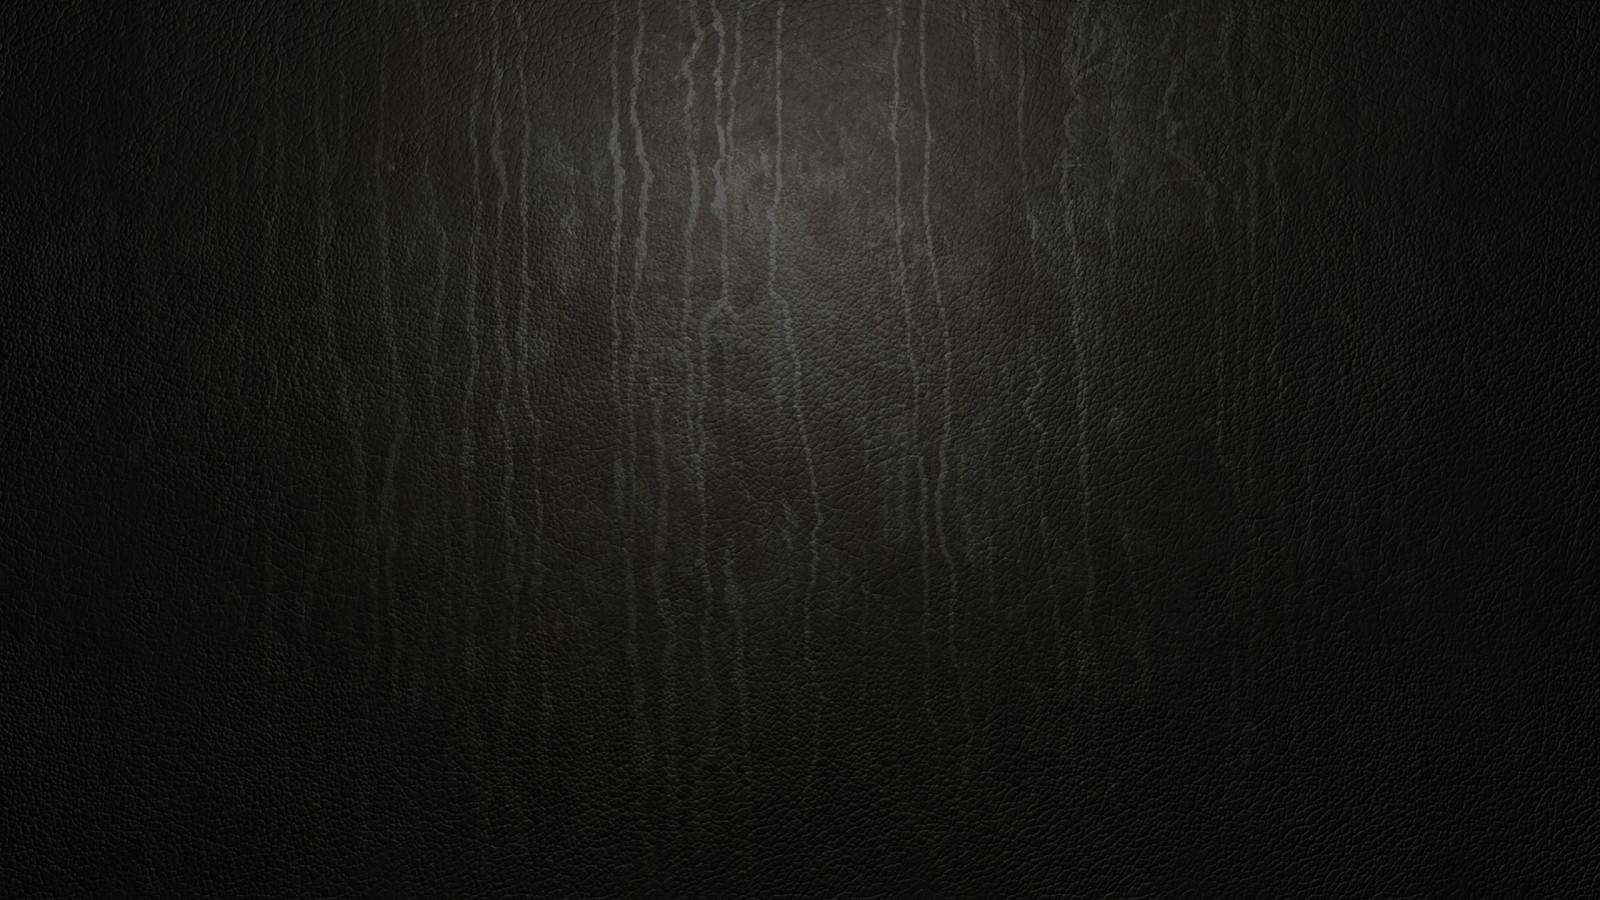 Fond Décran Art Numérique Monochrome Bois Texture